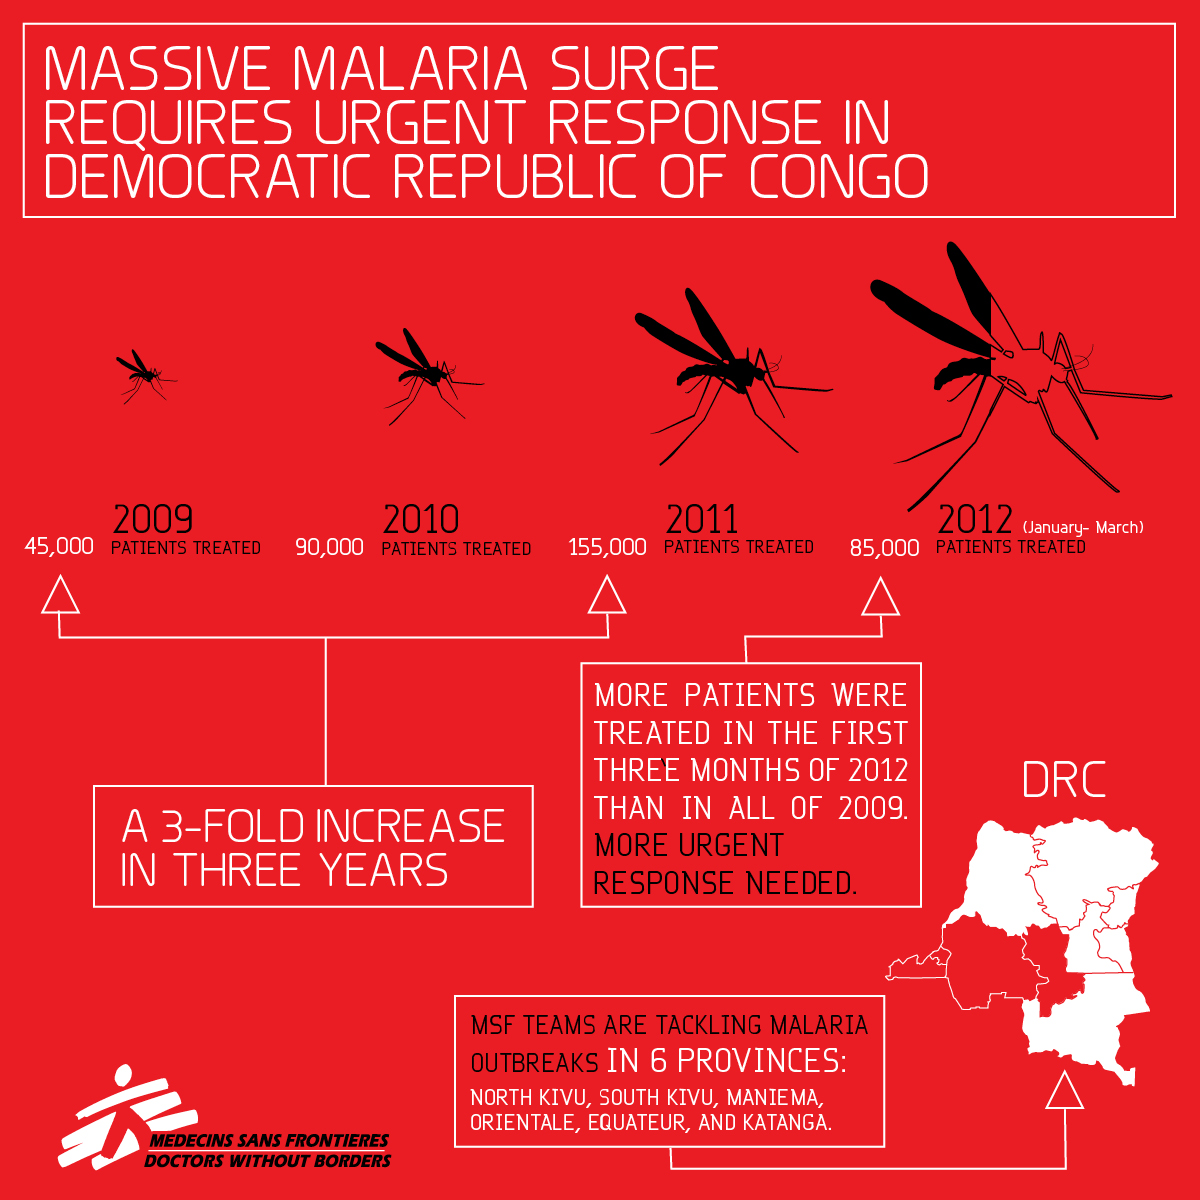 Massive malaria surge requires urgent response in democratic republic